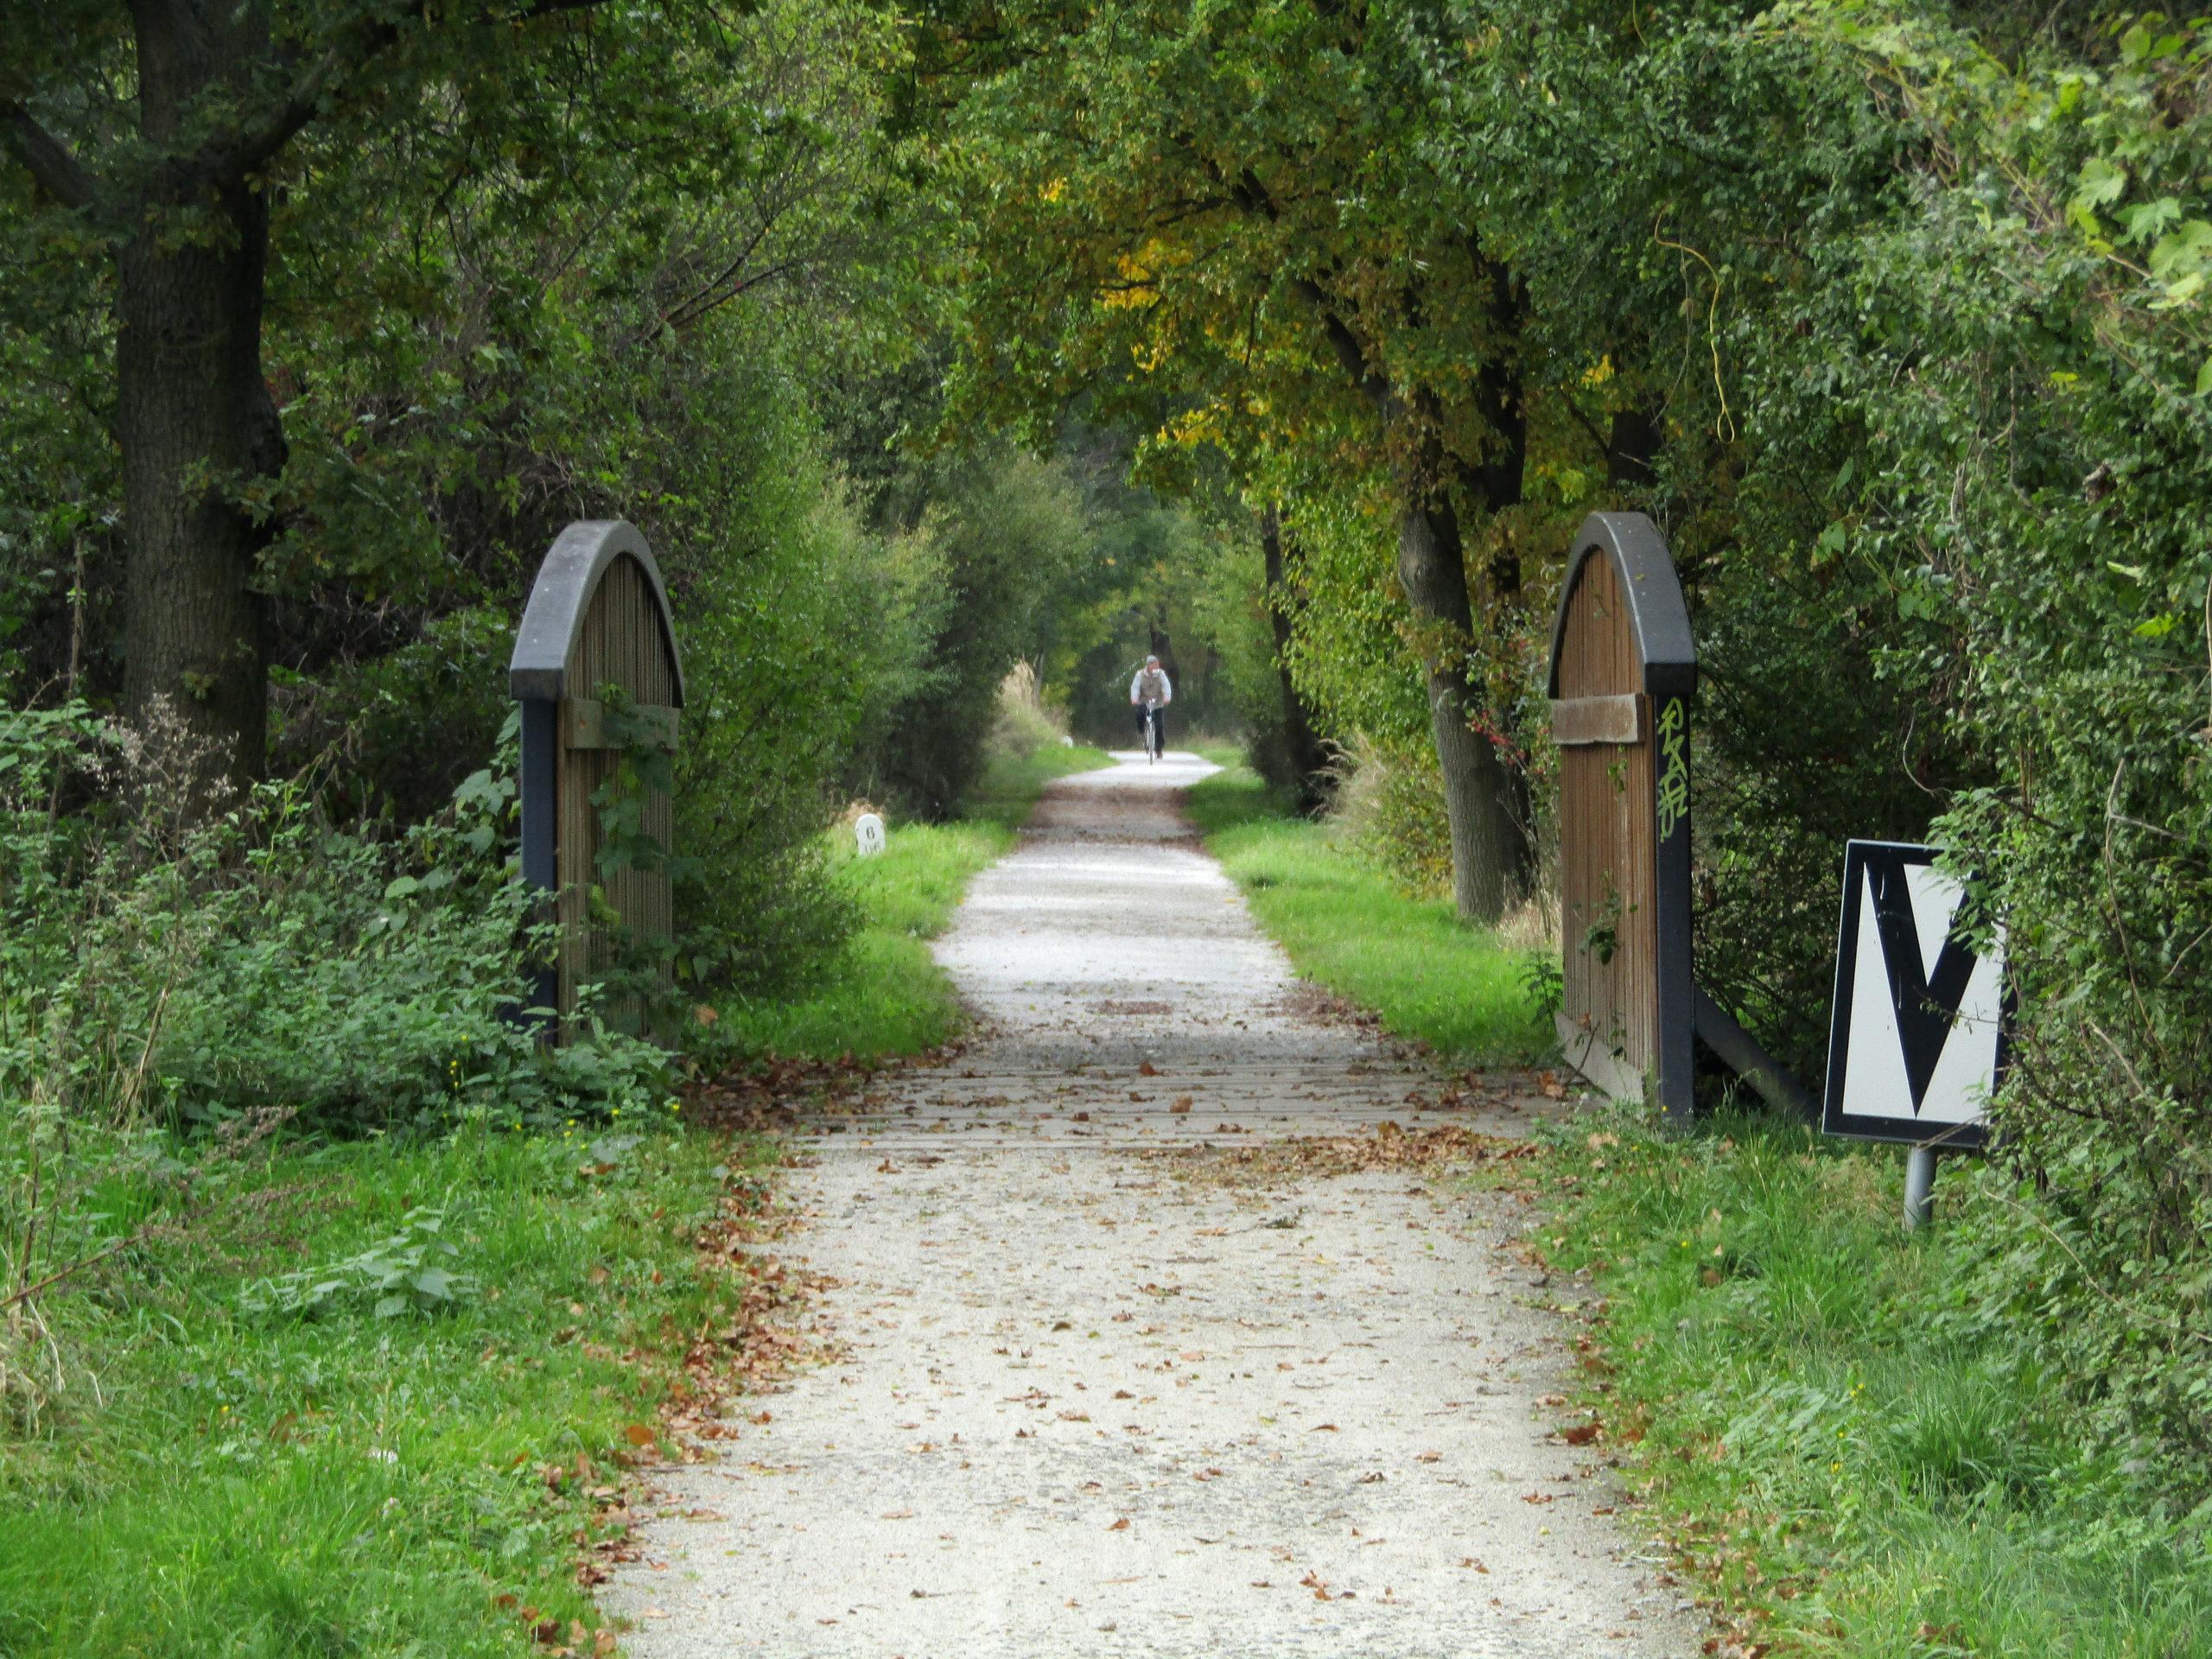 Trasa 19 rowerowa Milicz – Kaszowo – Pracze – Sułów - Ruda Sułowska